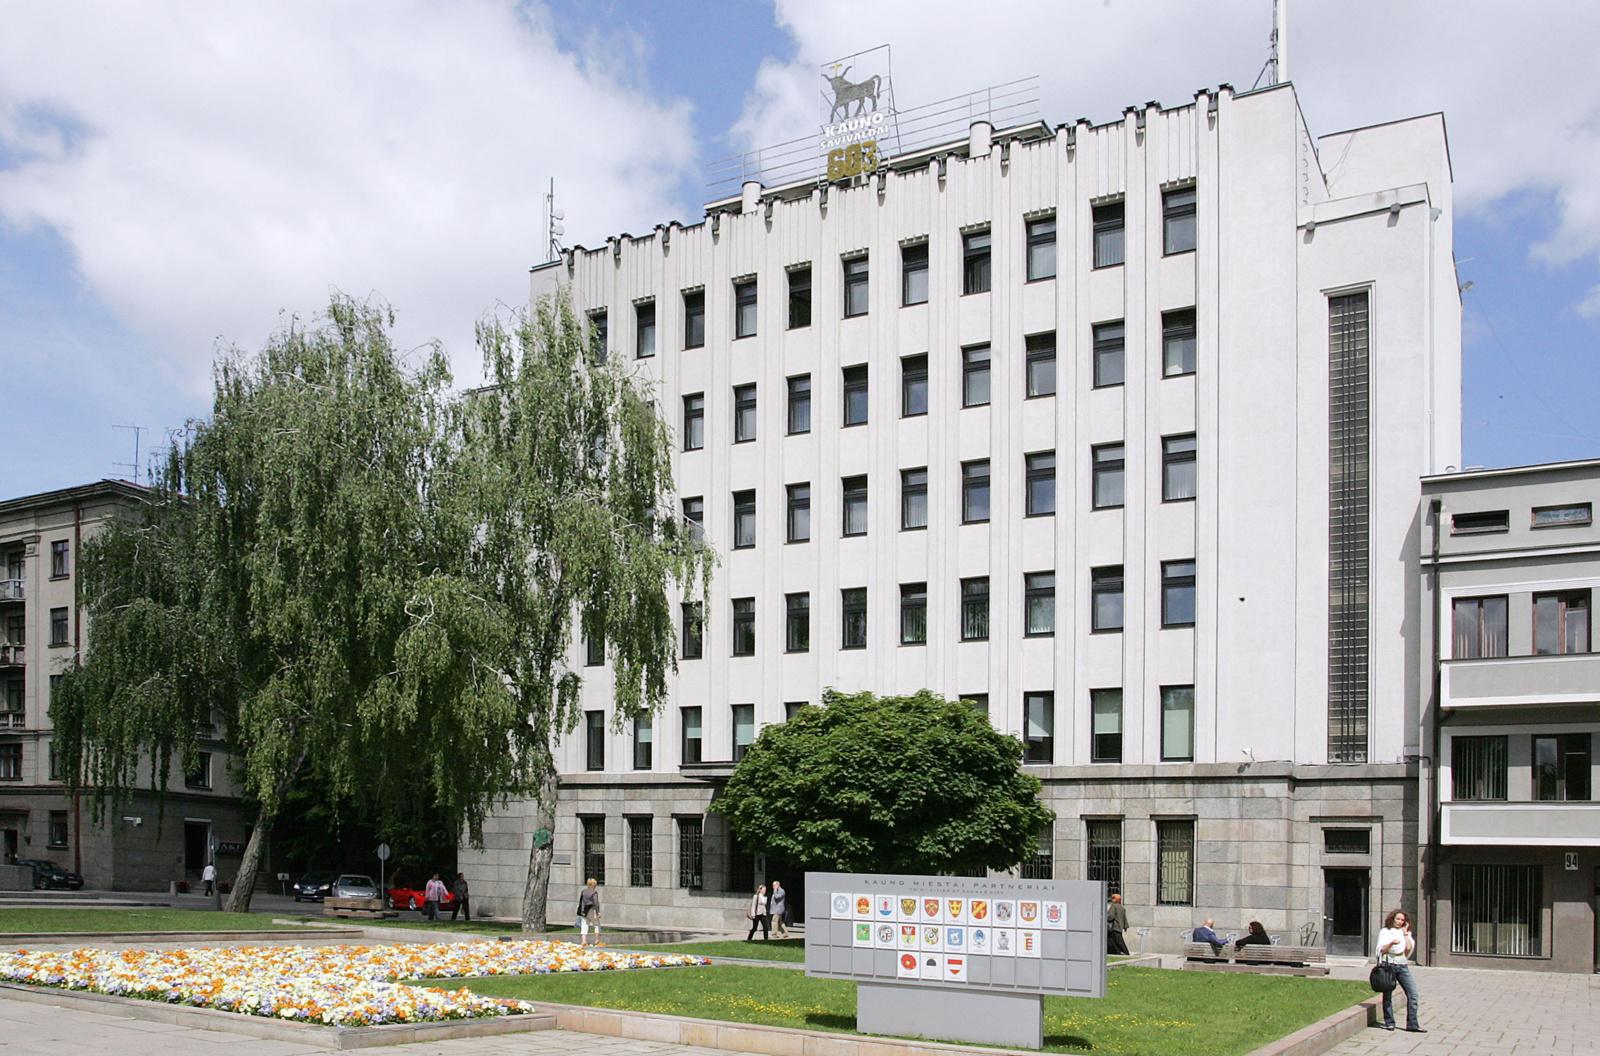 Kauno miesto taryba priėmė sprendimą dėl galimybės keisti savivaldybės teritorijos ribas